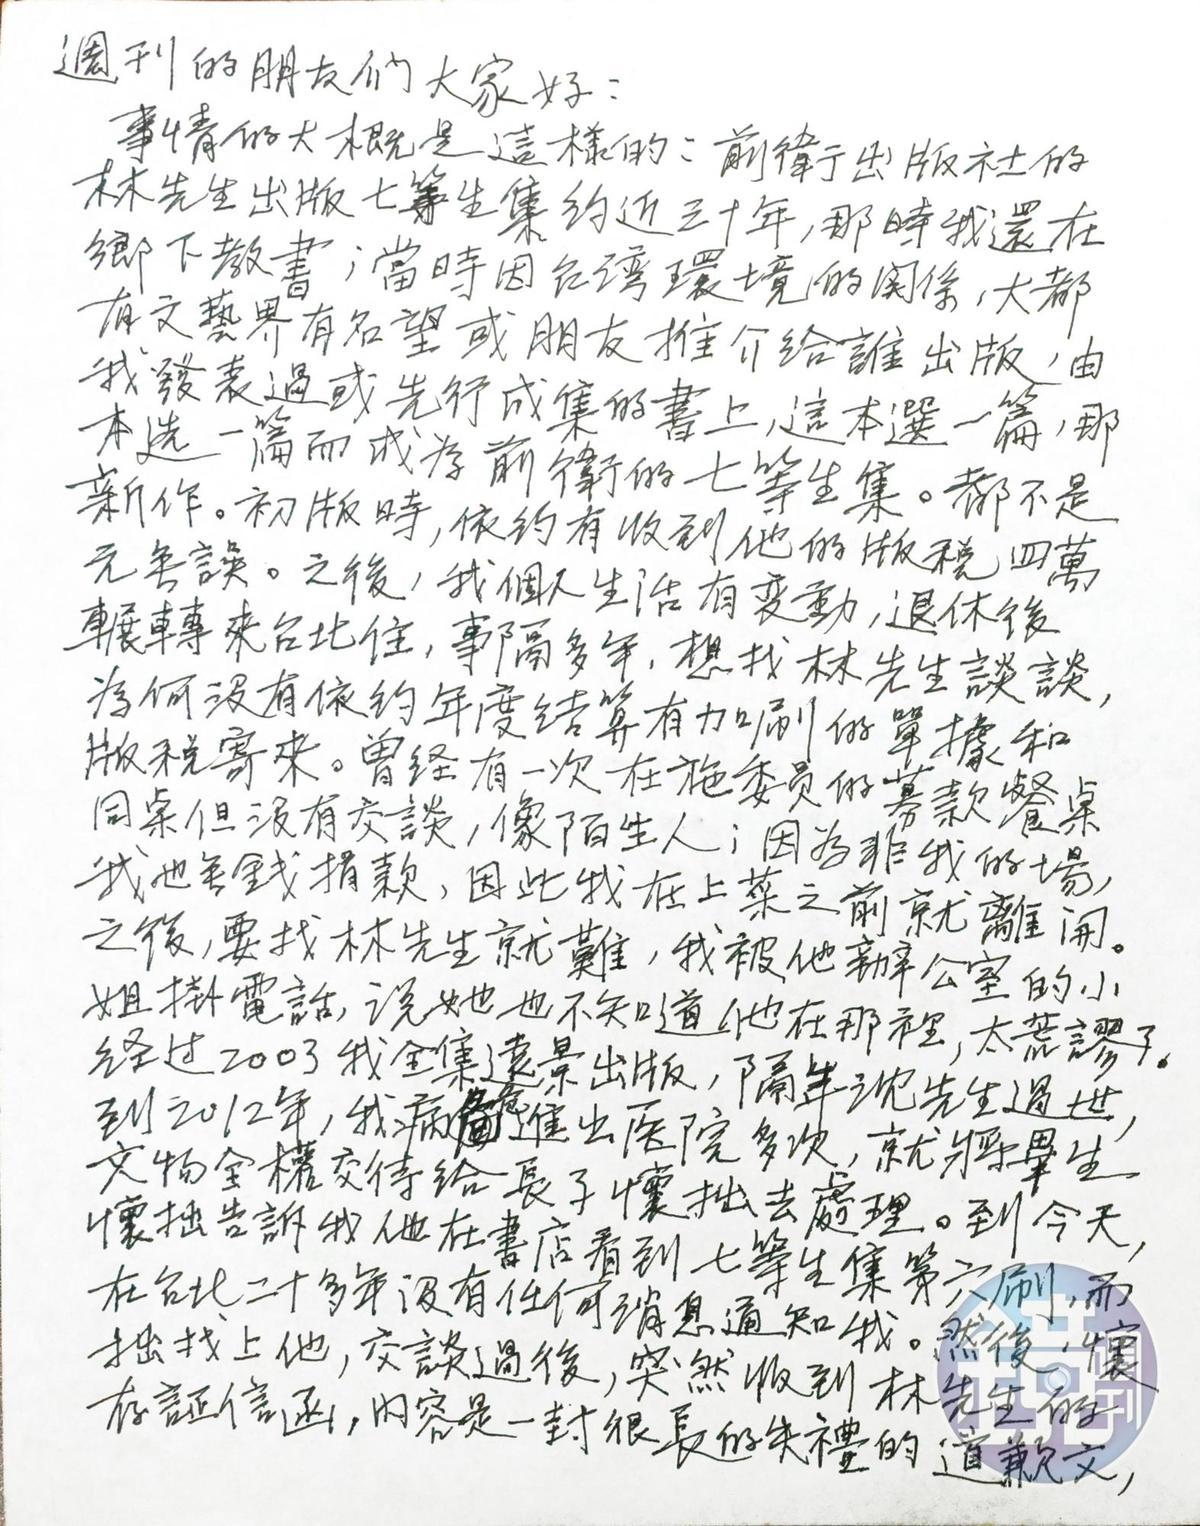 七等生親筆寫下聲明稿,向本刊投訴前衛出版社的行徑。